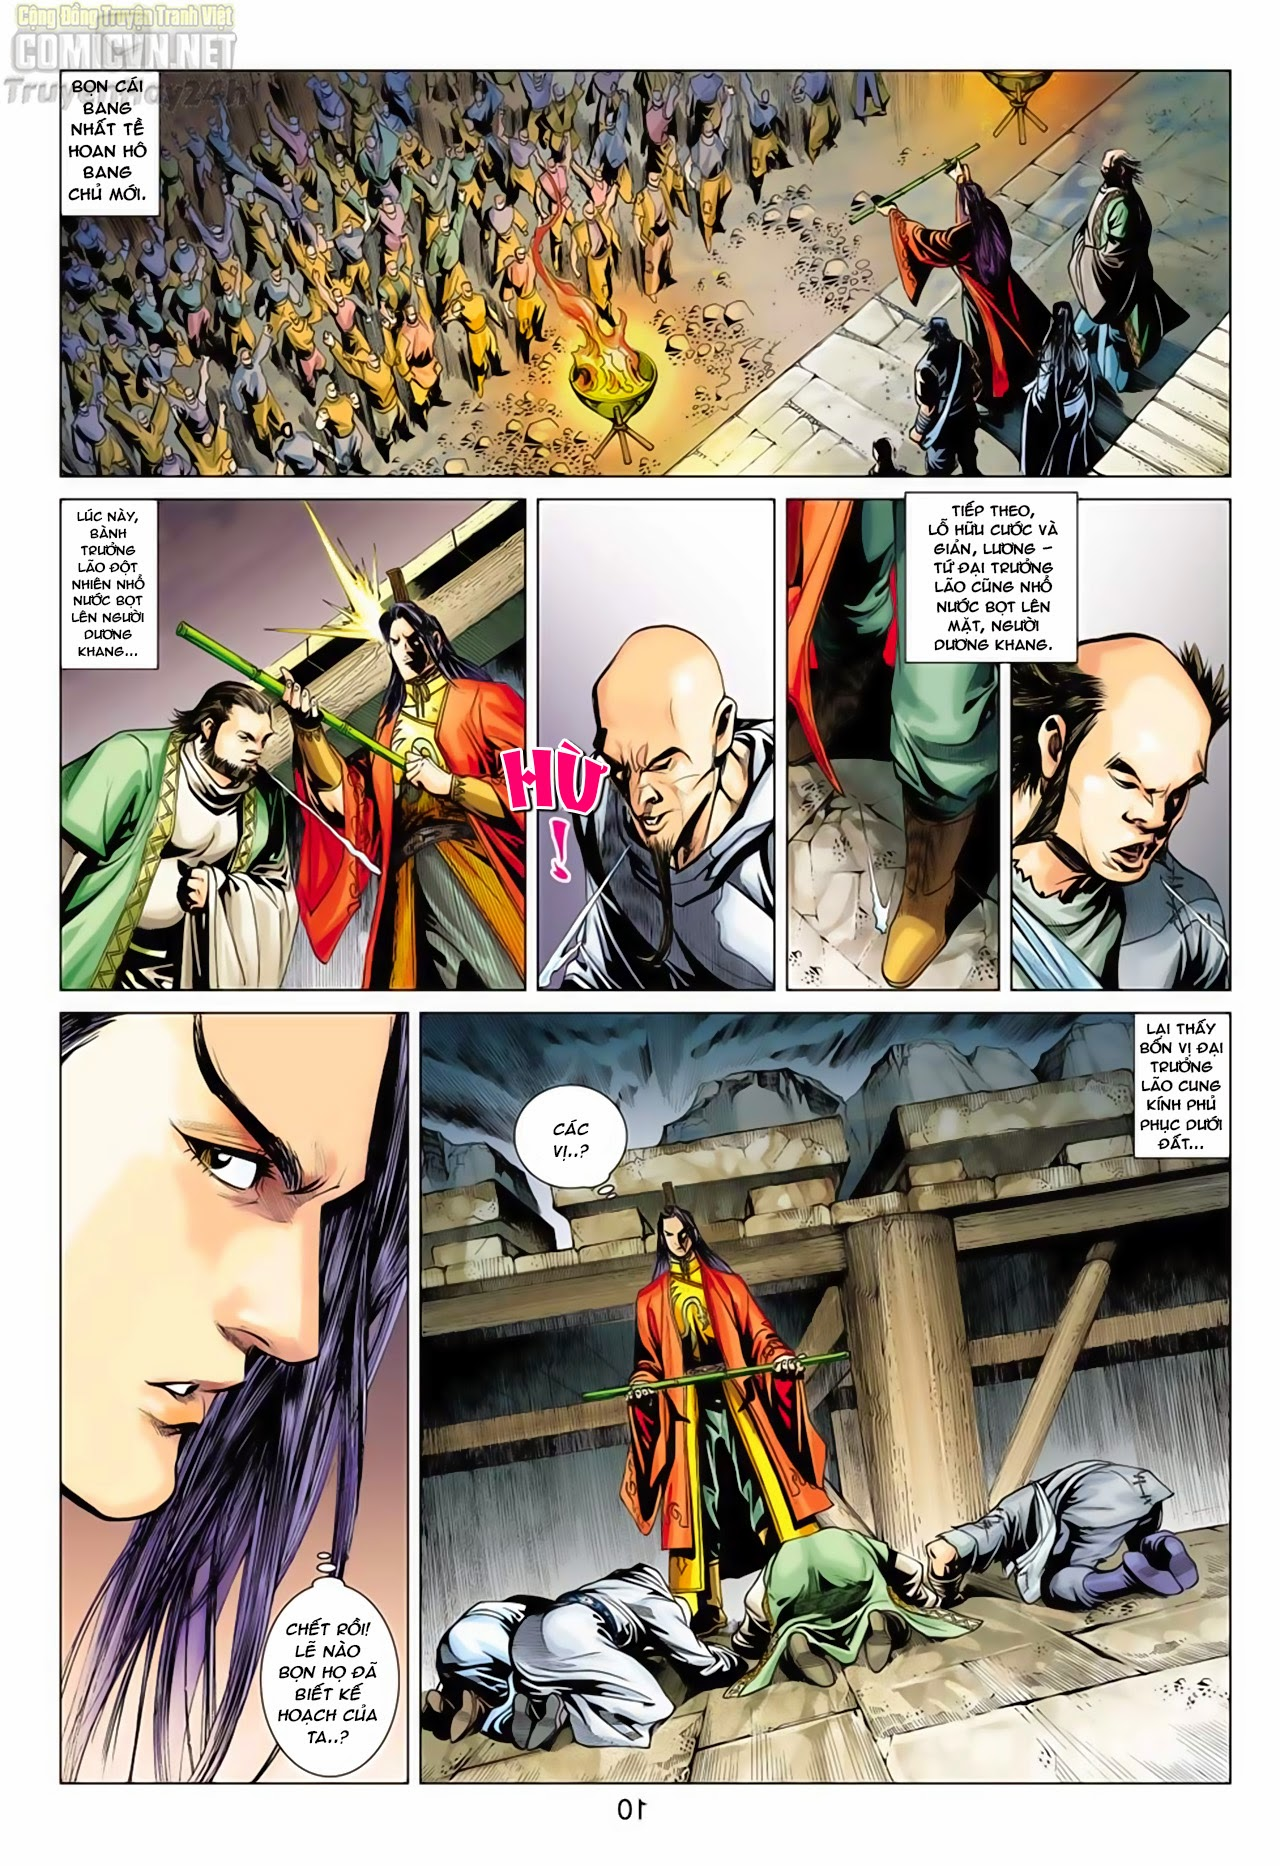 Anh Hùng Xạ Điêu anh hùng xạ đêu chap 66: nhạc châu đại hội trang 10